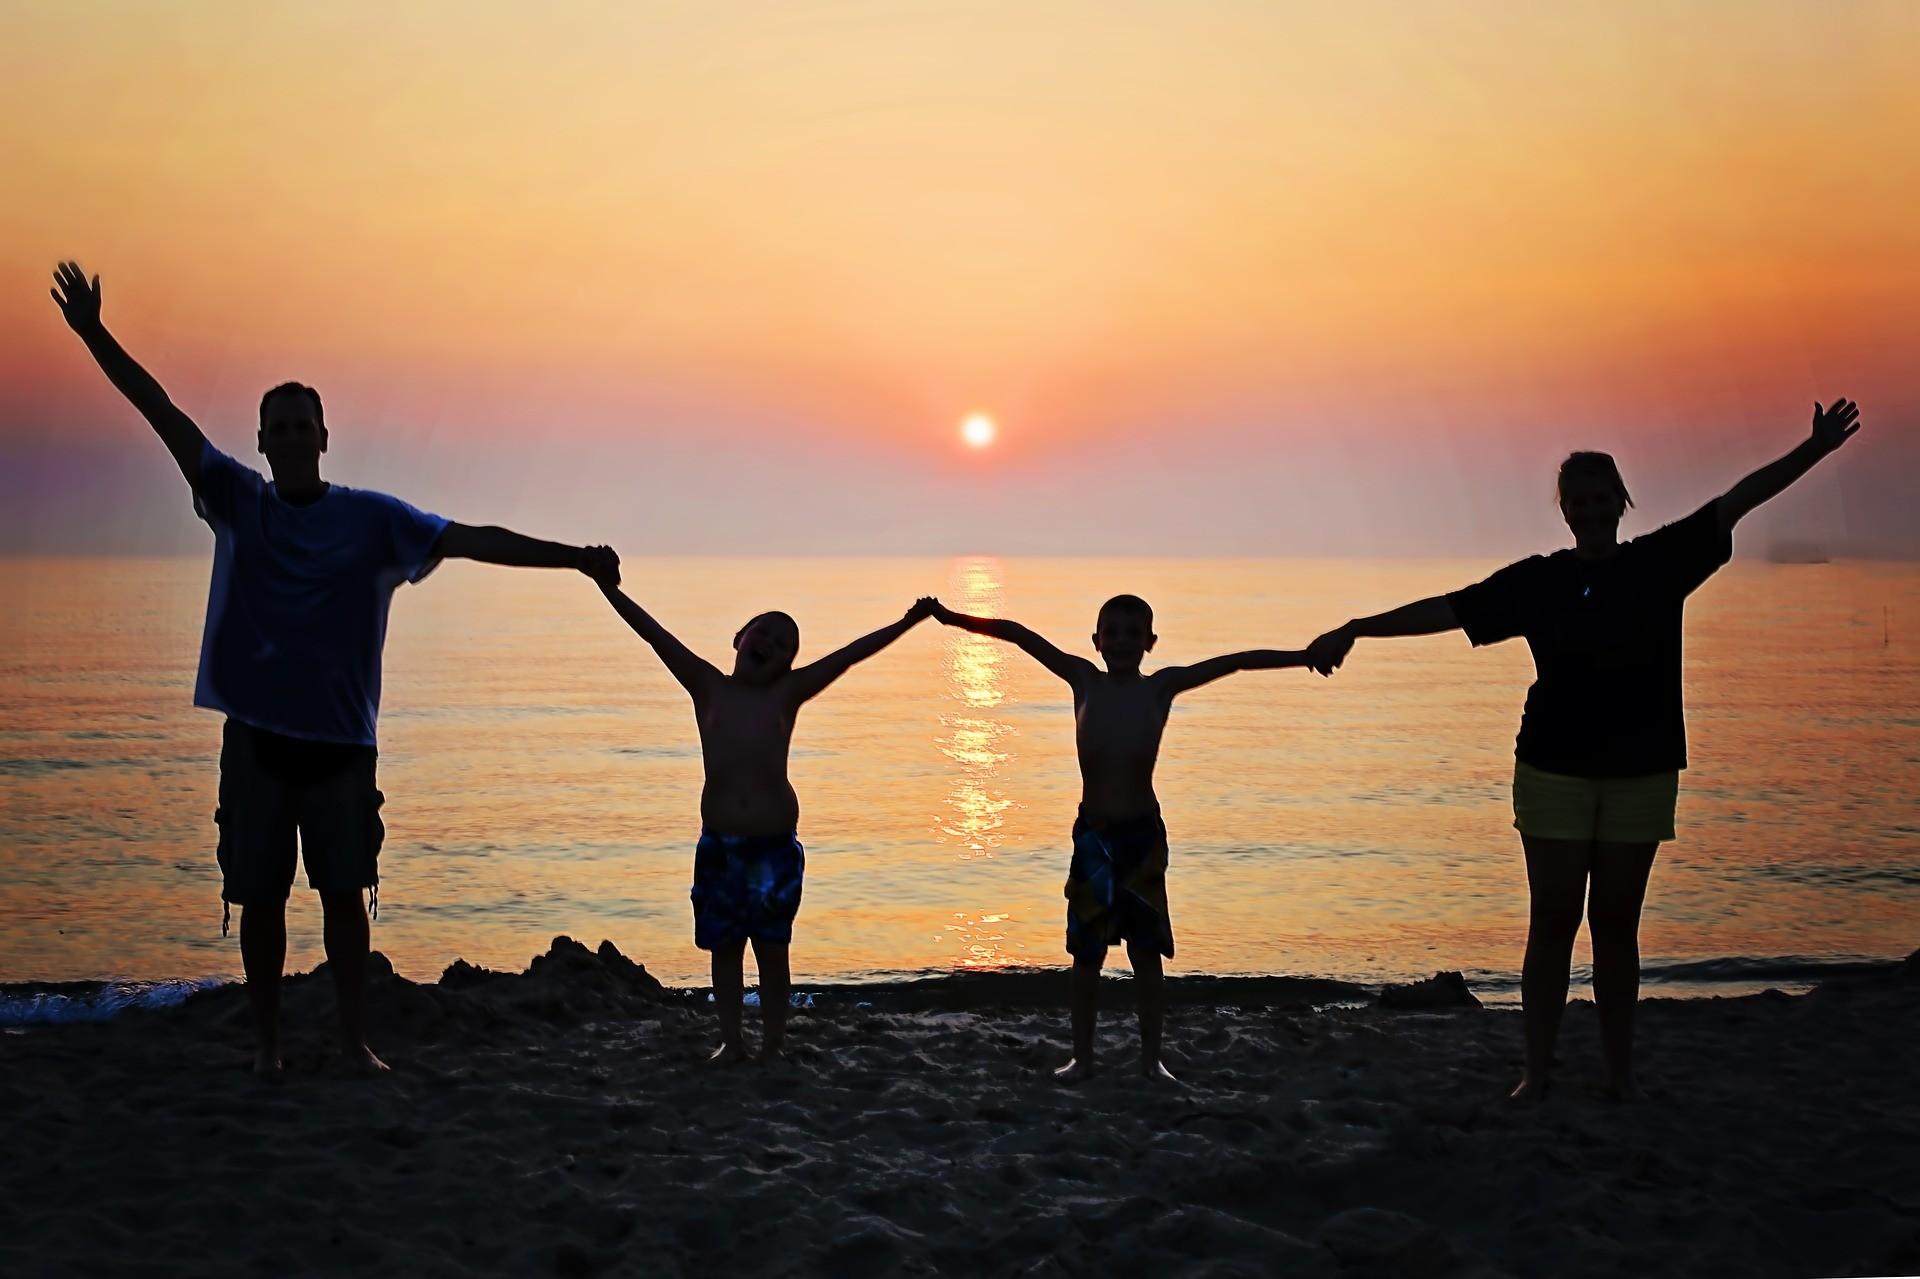 Foto: Familie händehaltend im Sonnenuntergang